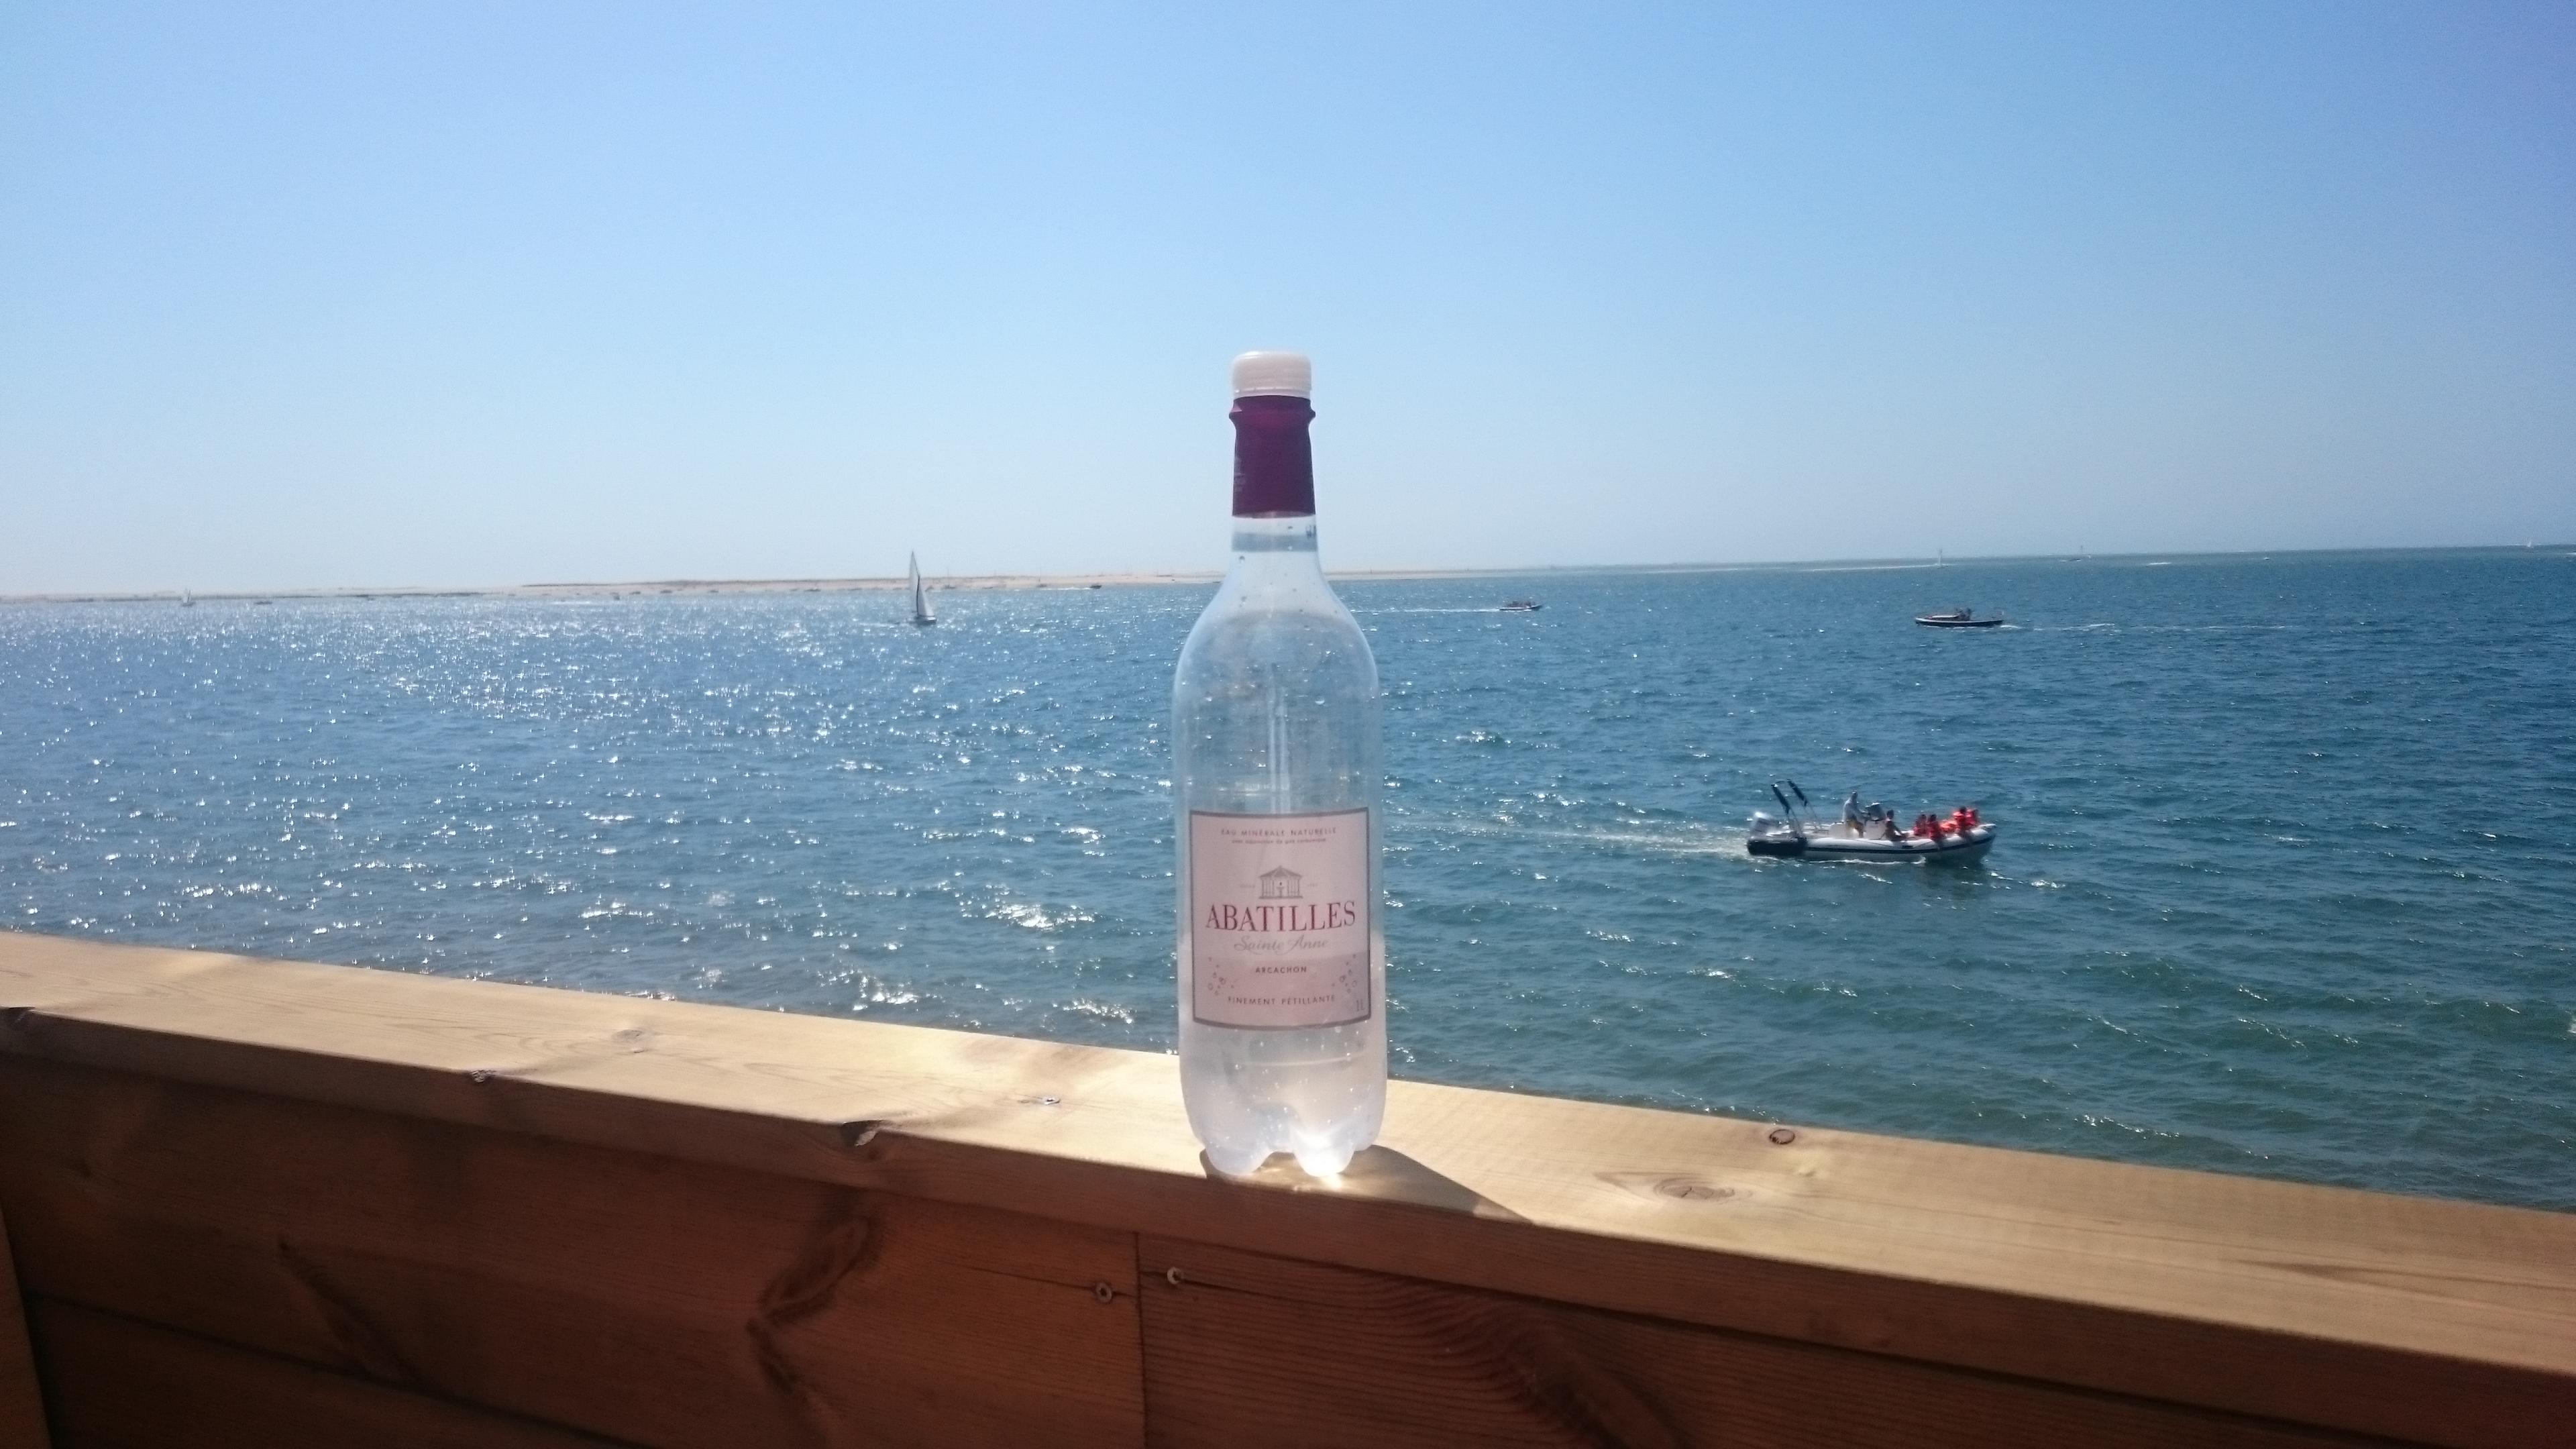 Un Week-end Sur Le Bassin d'Arcachon : 10 Lieux Incontournables